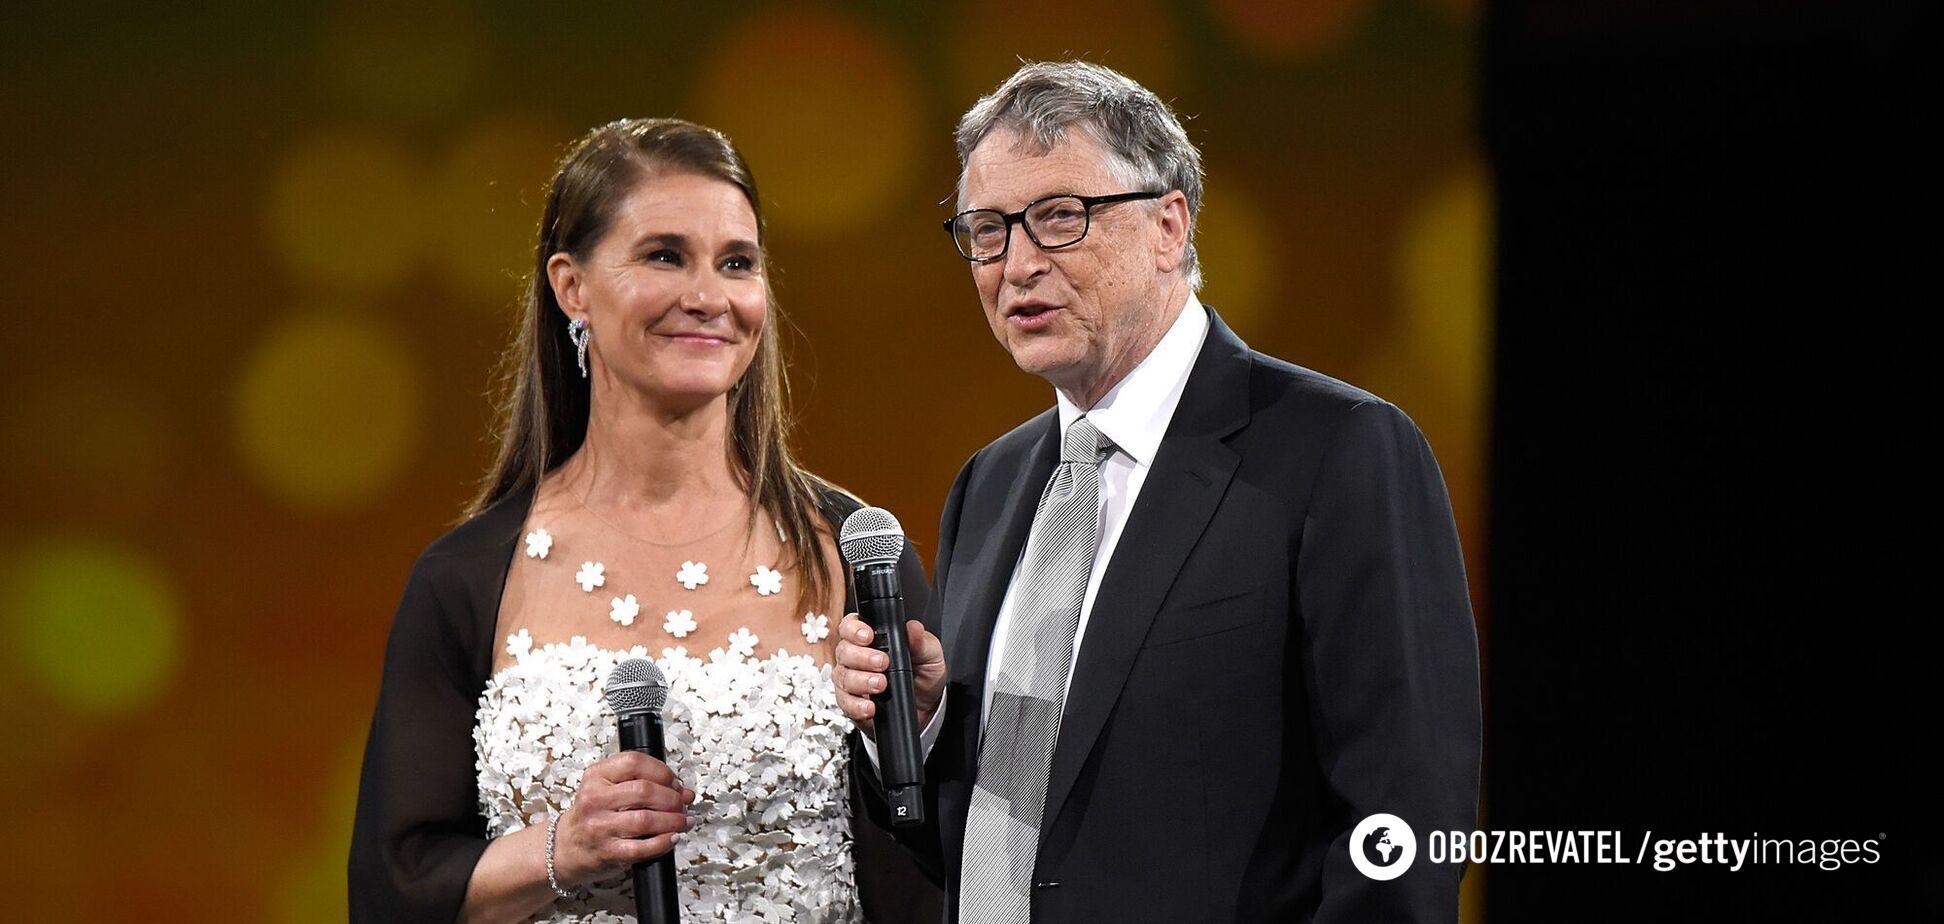 За романами Билла Гейтса следил частный детектив – СМИ